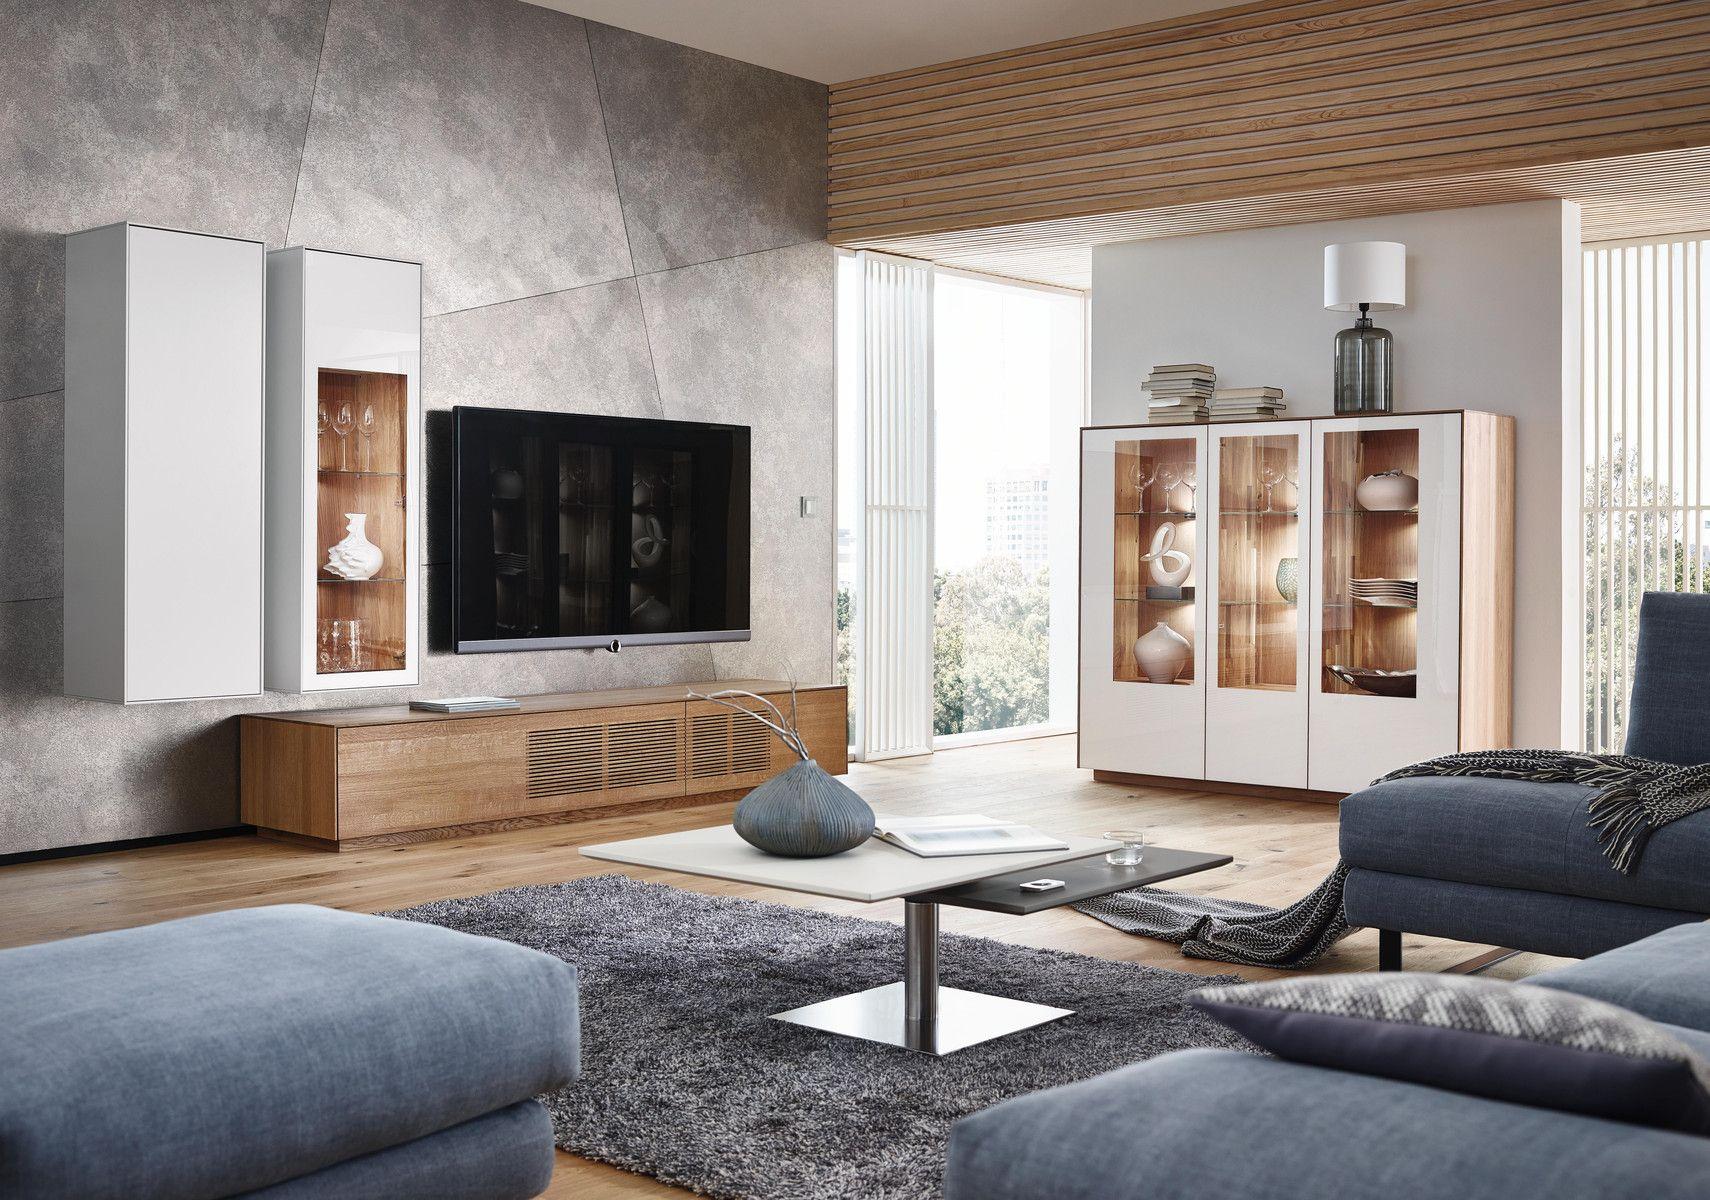 Wohnzimmermöbel designermöbel  Moderne Wohnzimmermöbel – Designermöbel für Ihr Wohnzimmer | Tendenza